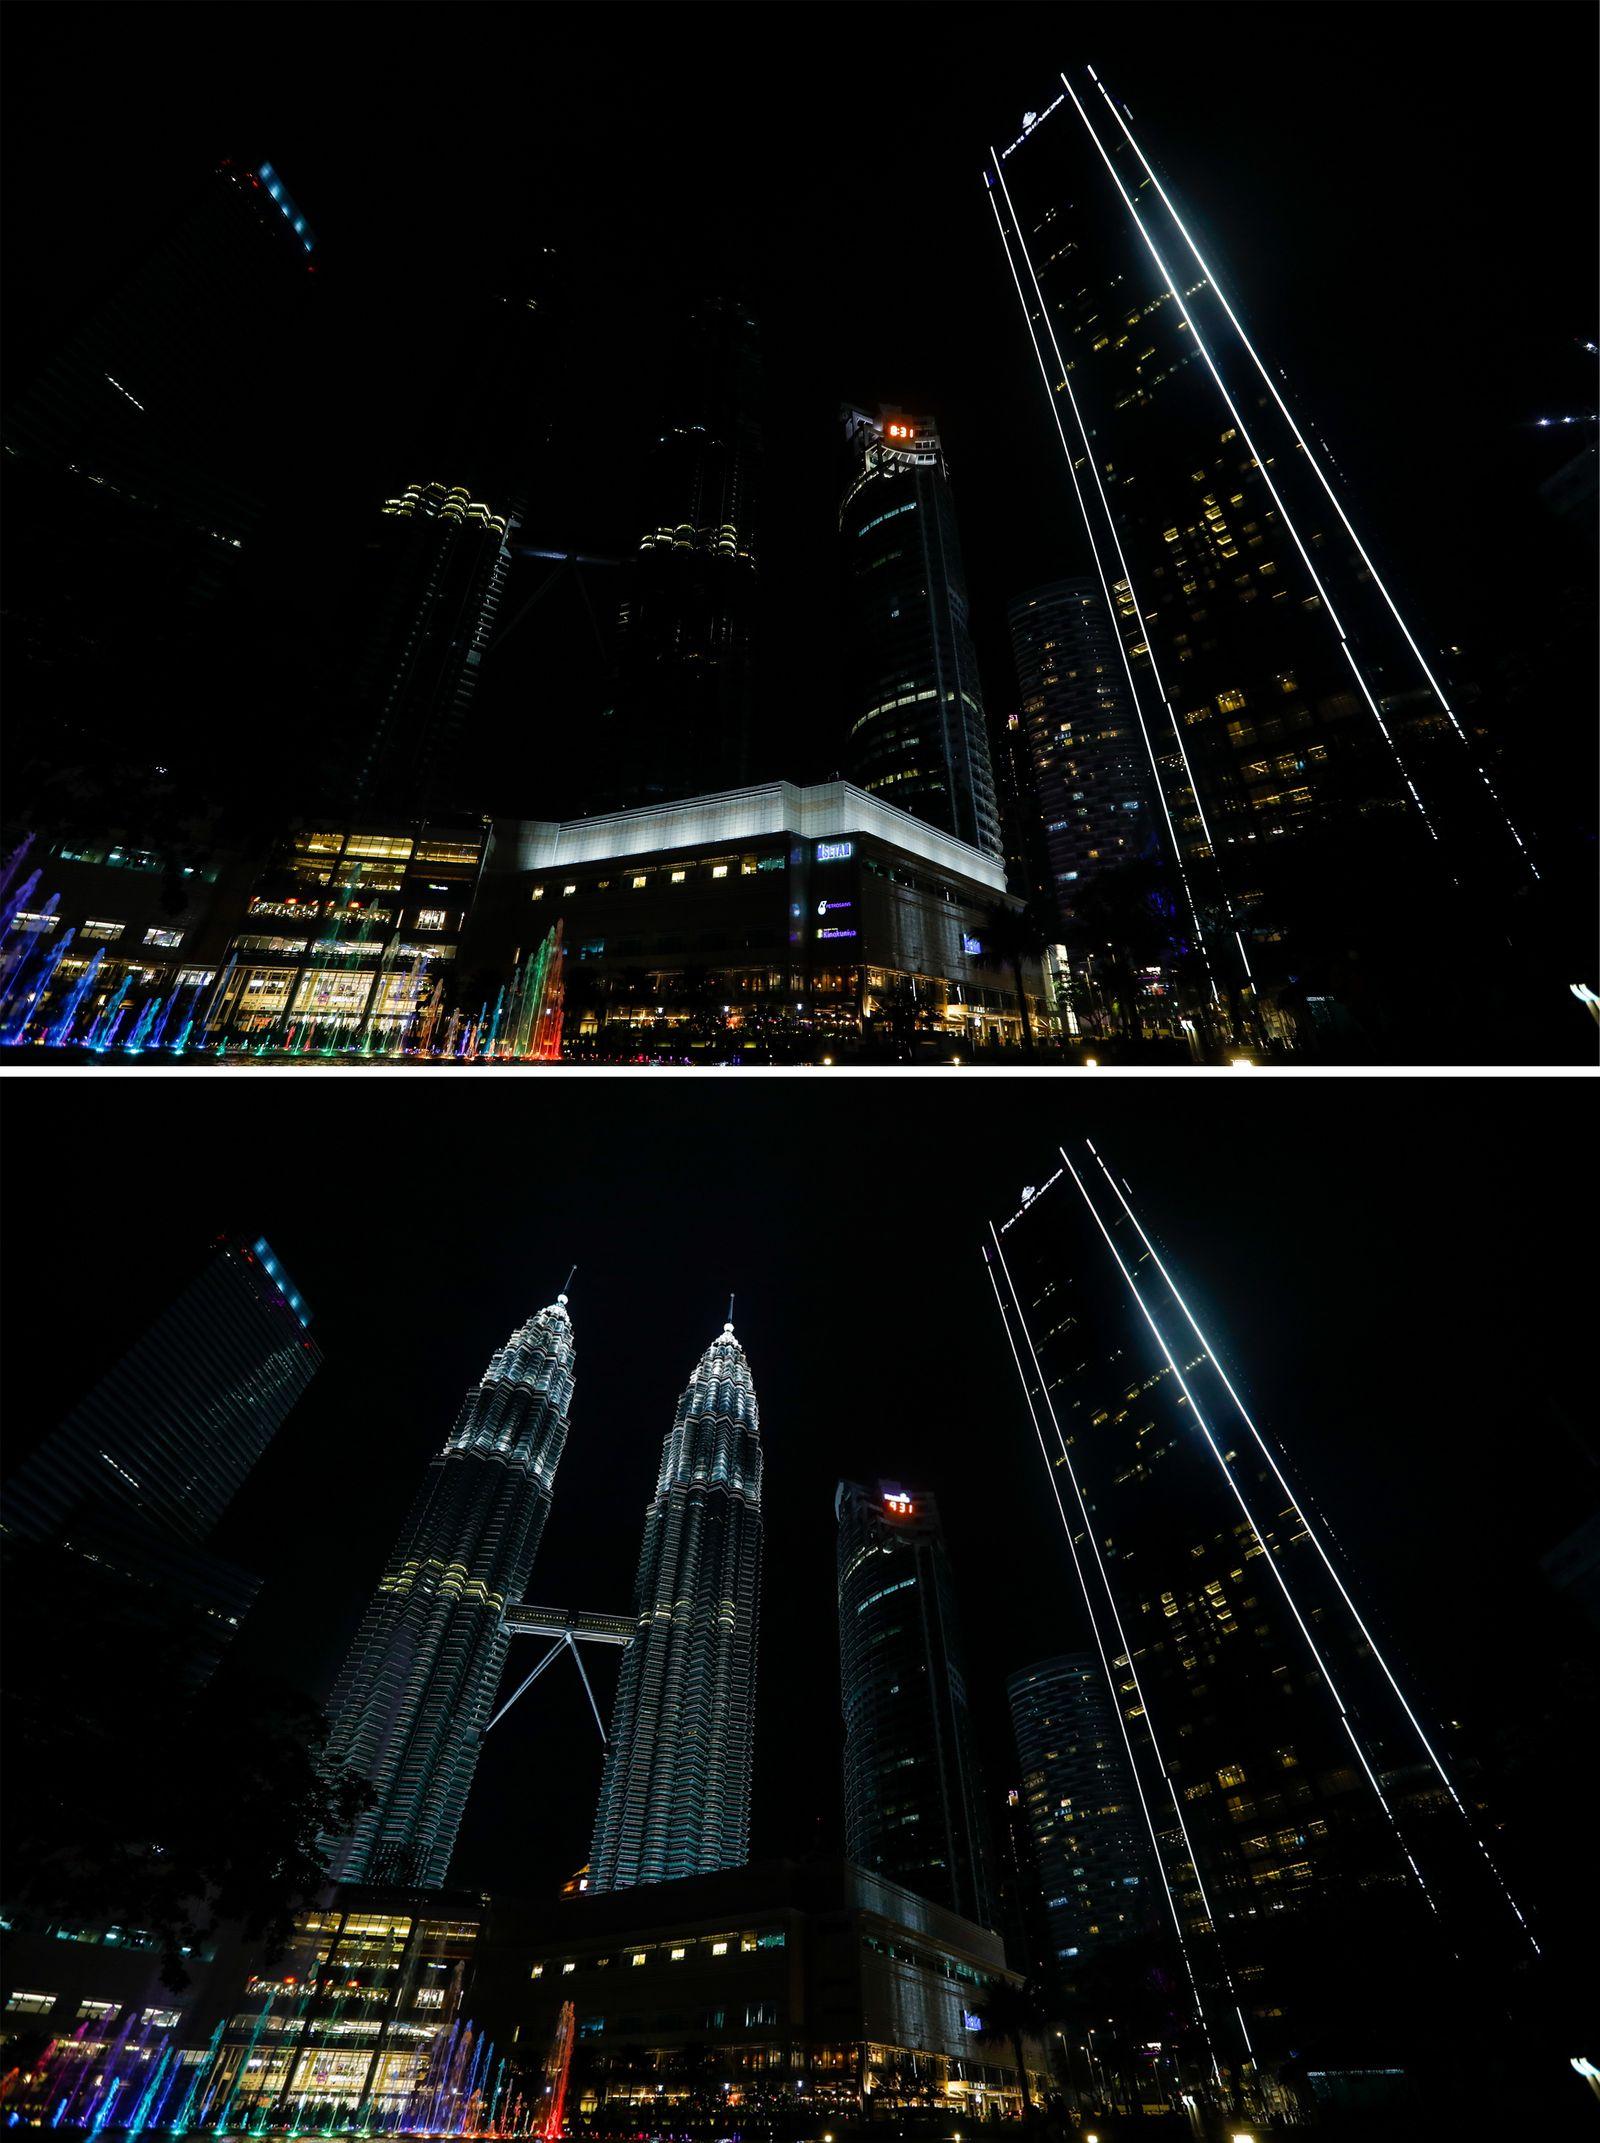 Earth Hour in Kuala Lumpur, Malaysia